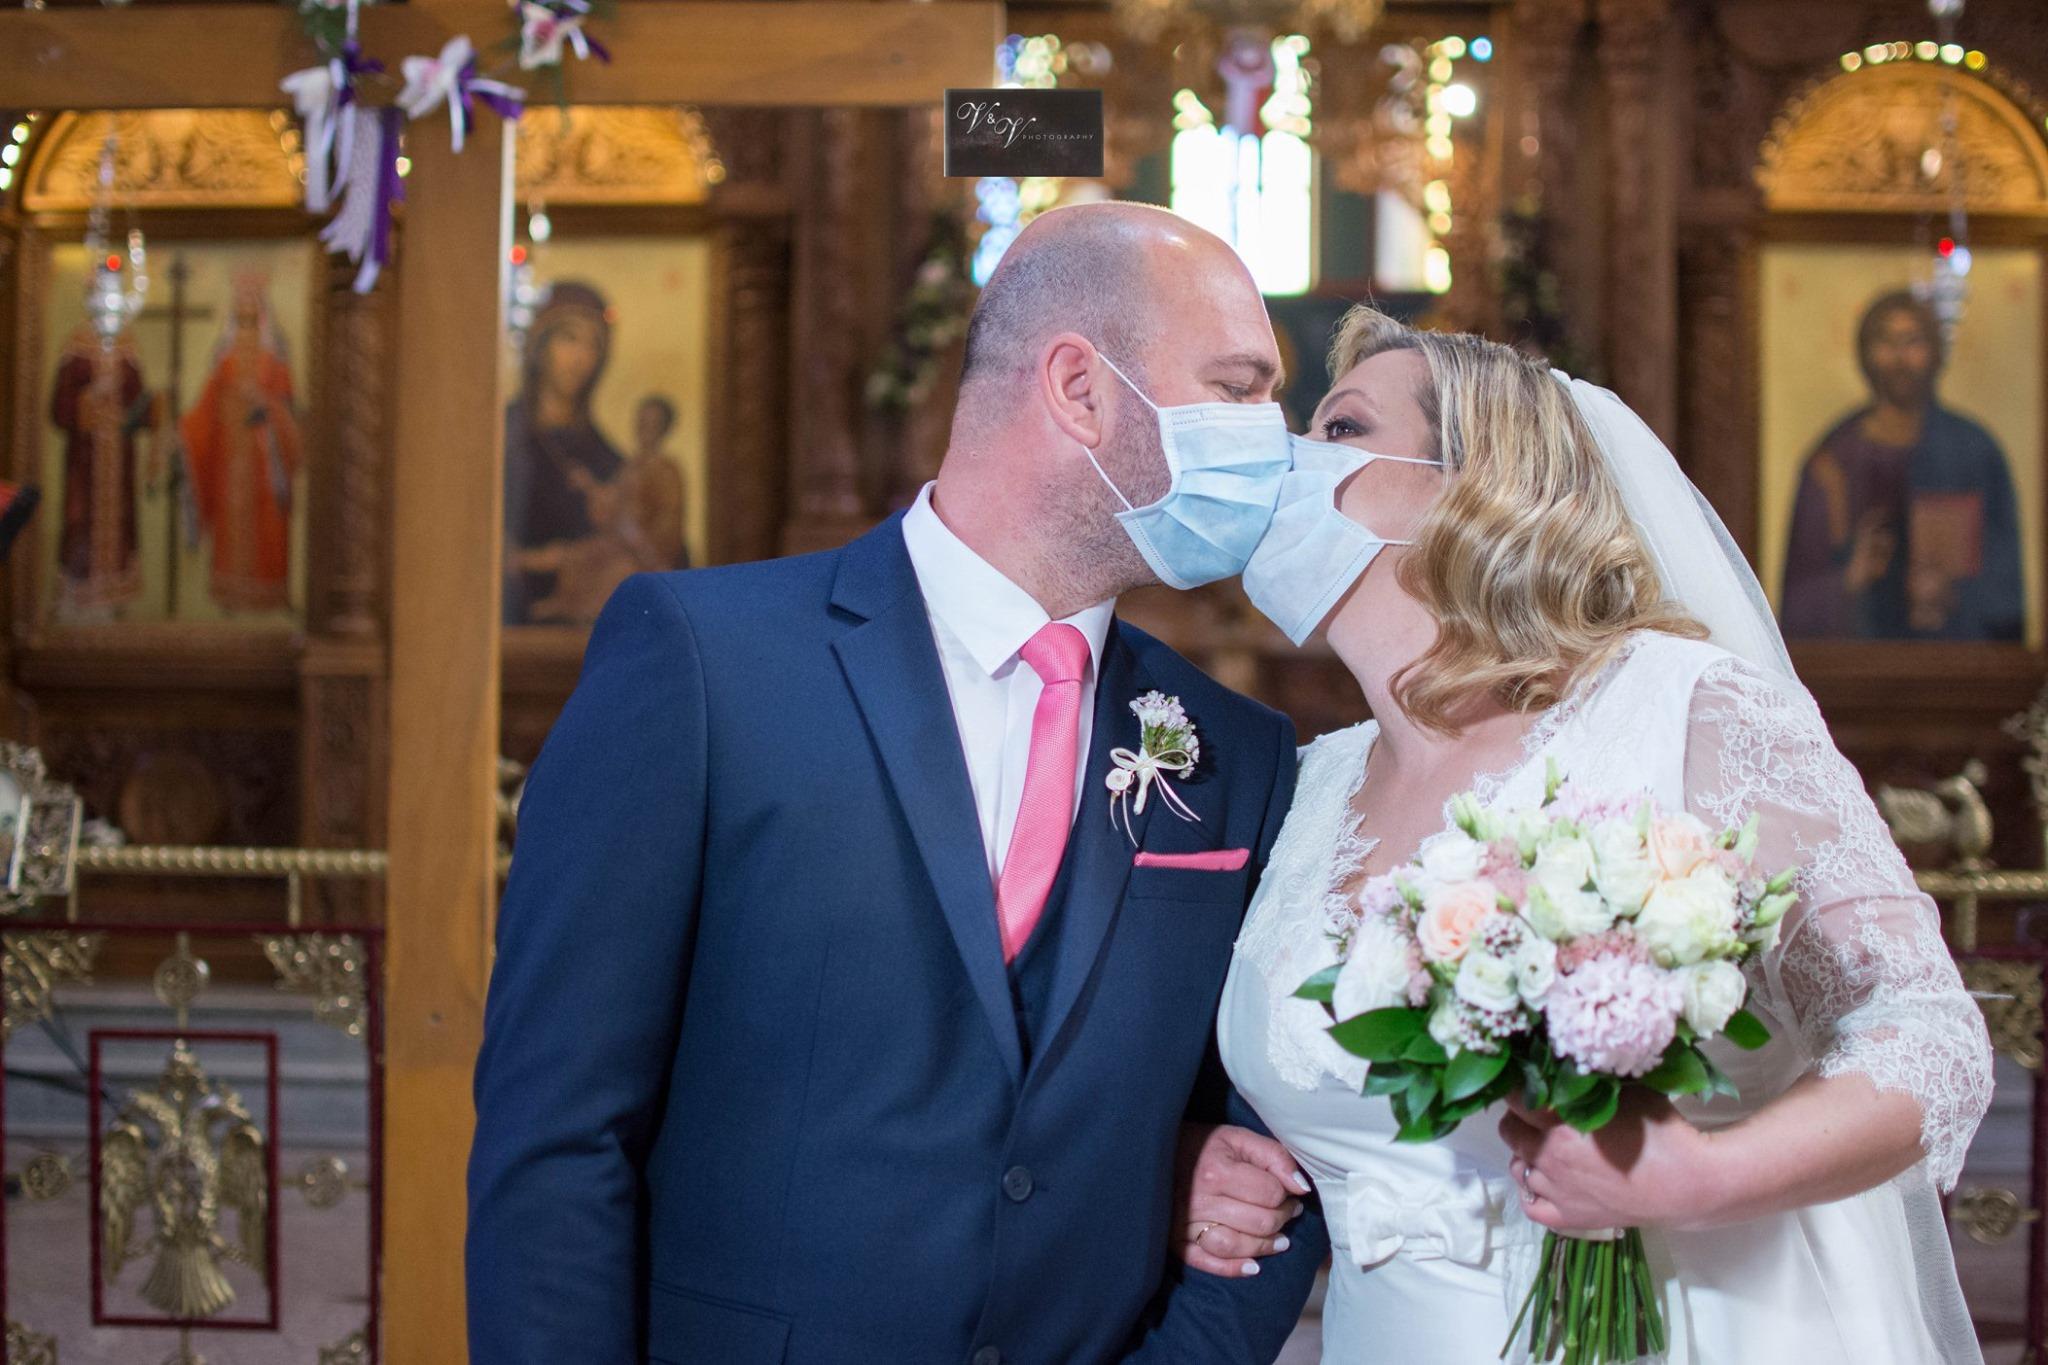 Γάμος στο Αγρίνιο την εποχή του κορωνοϊού